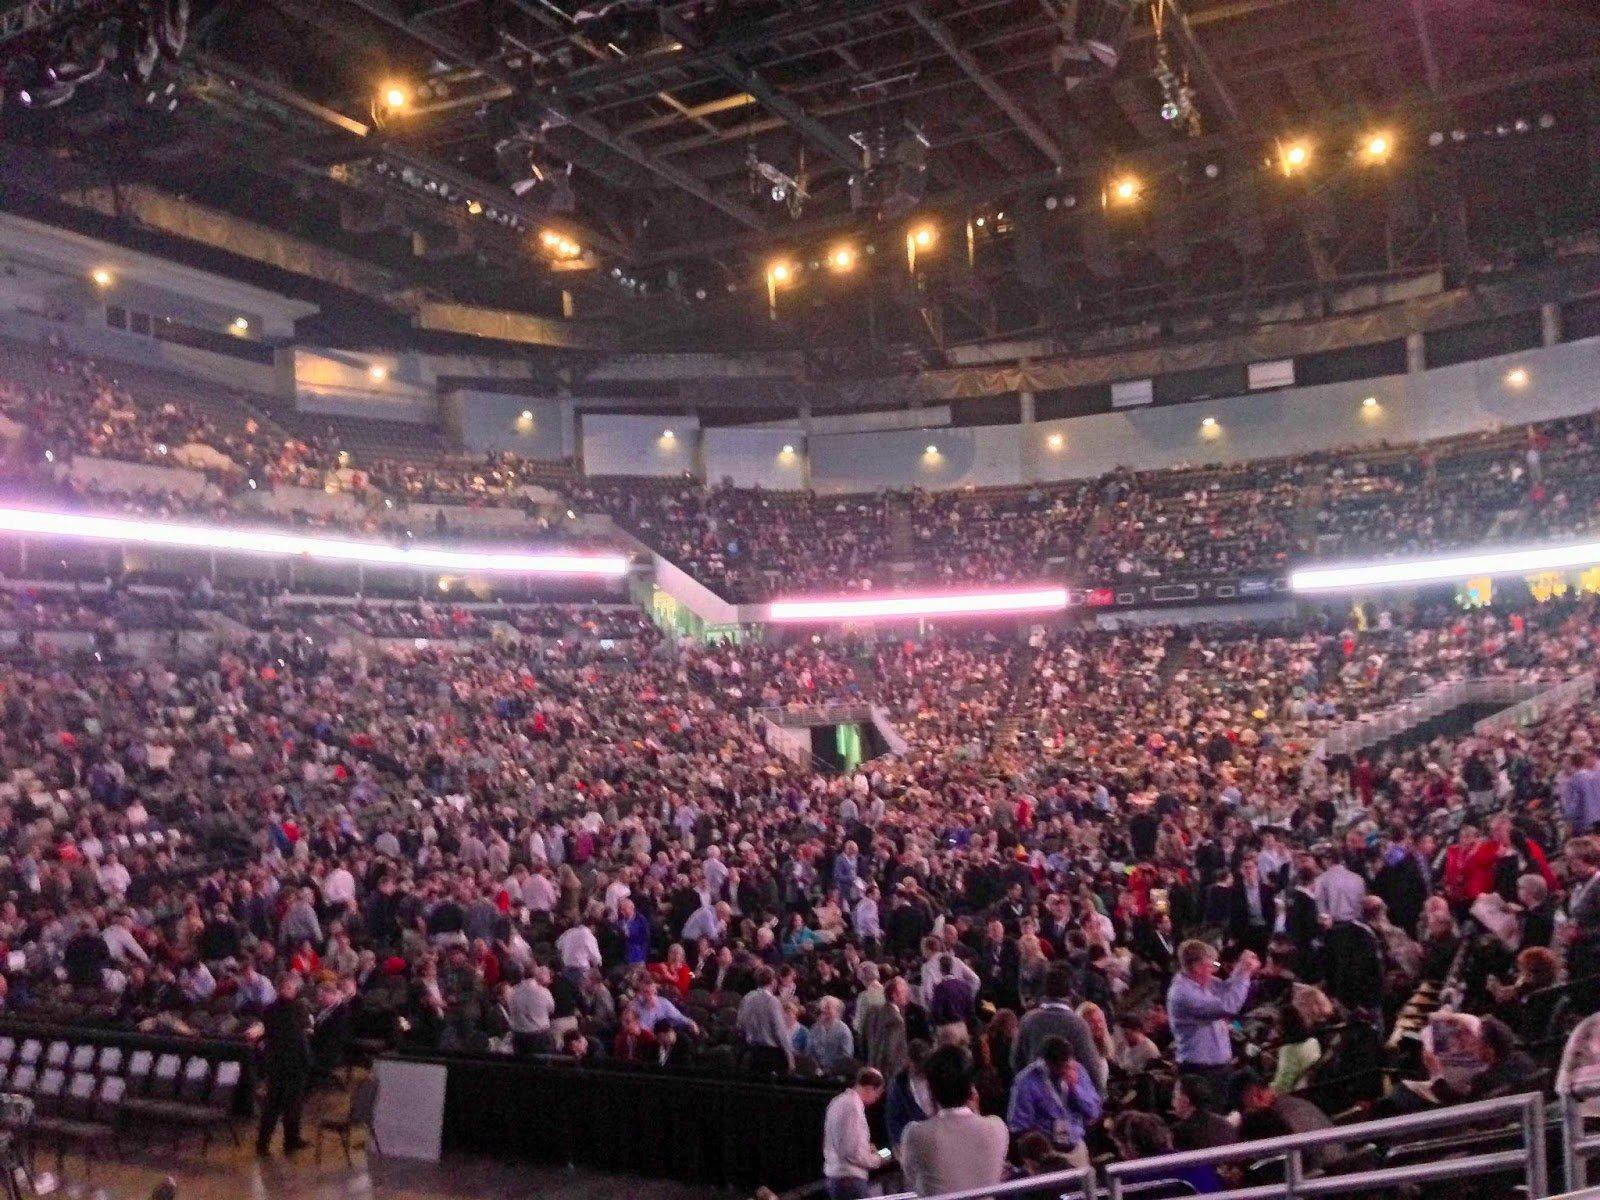 A stadium full